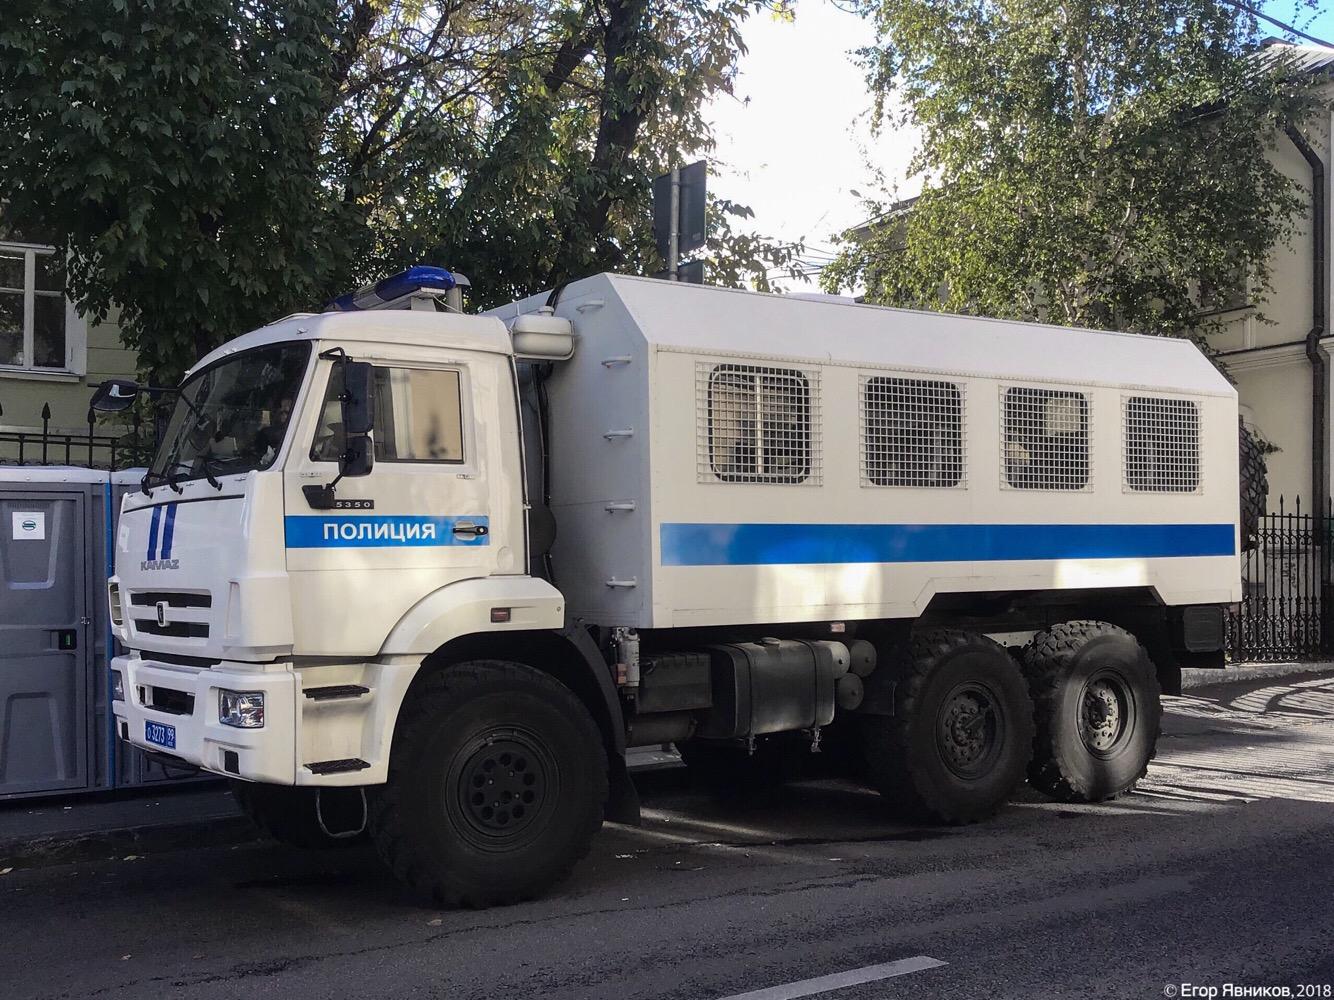 Автомобиль для транспортирования нарядов полиции АТНП-5350 на шасси КамАЗ-5350, #о327399. Московская область, г. Москва, Большой Знаменский переулок